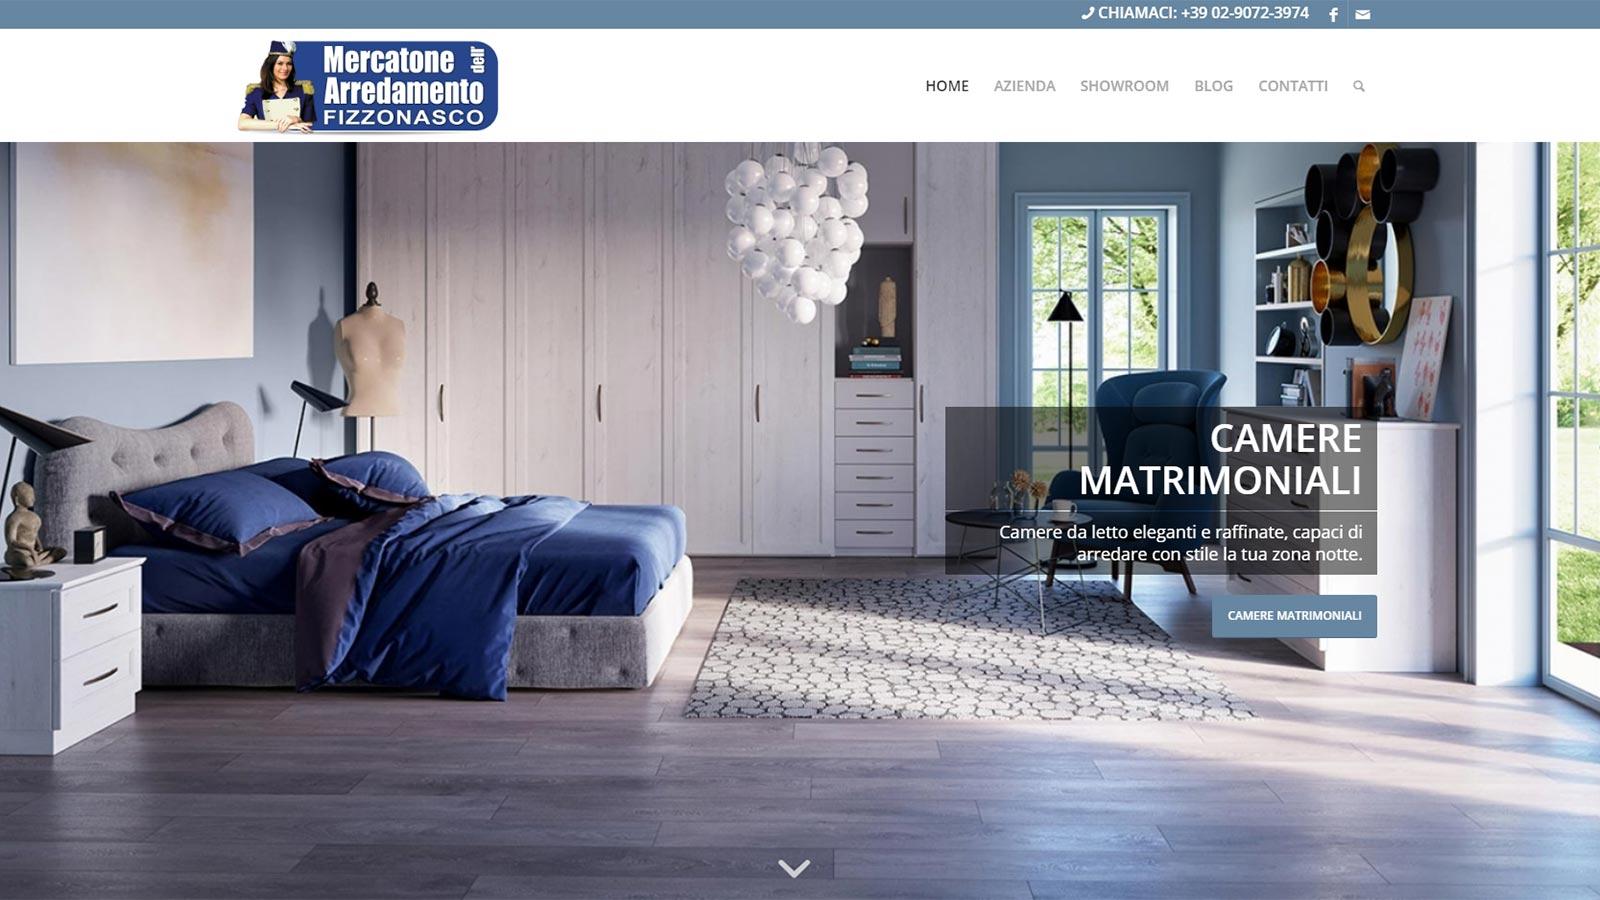 www.mercatonedellarredamento.it